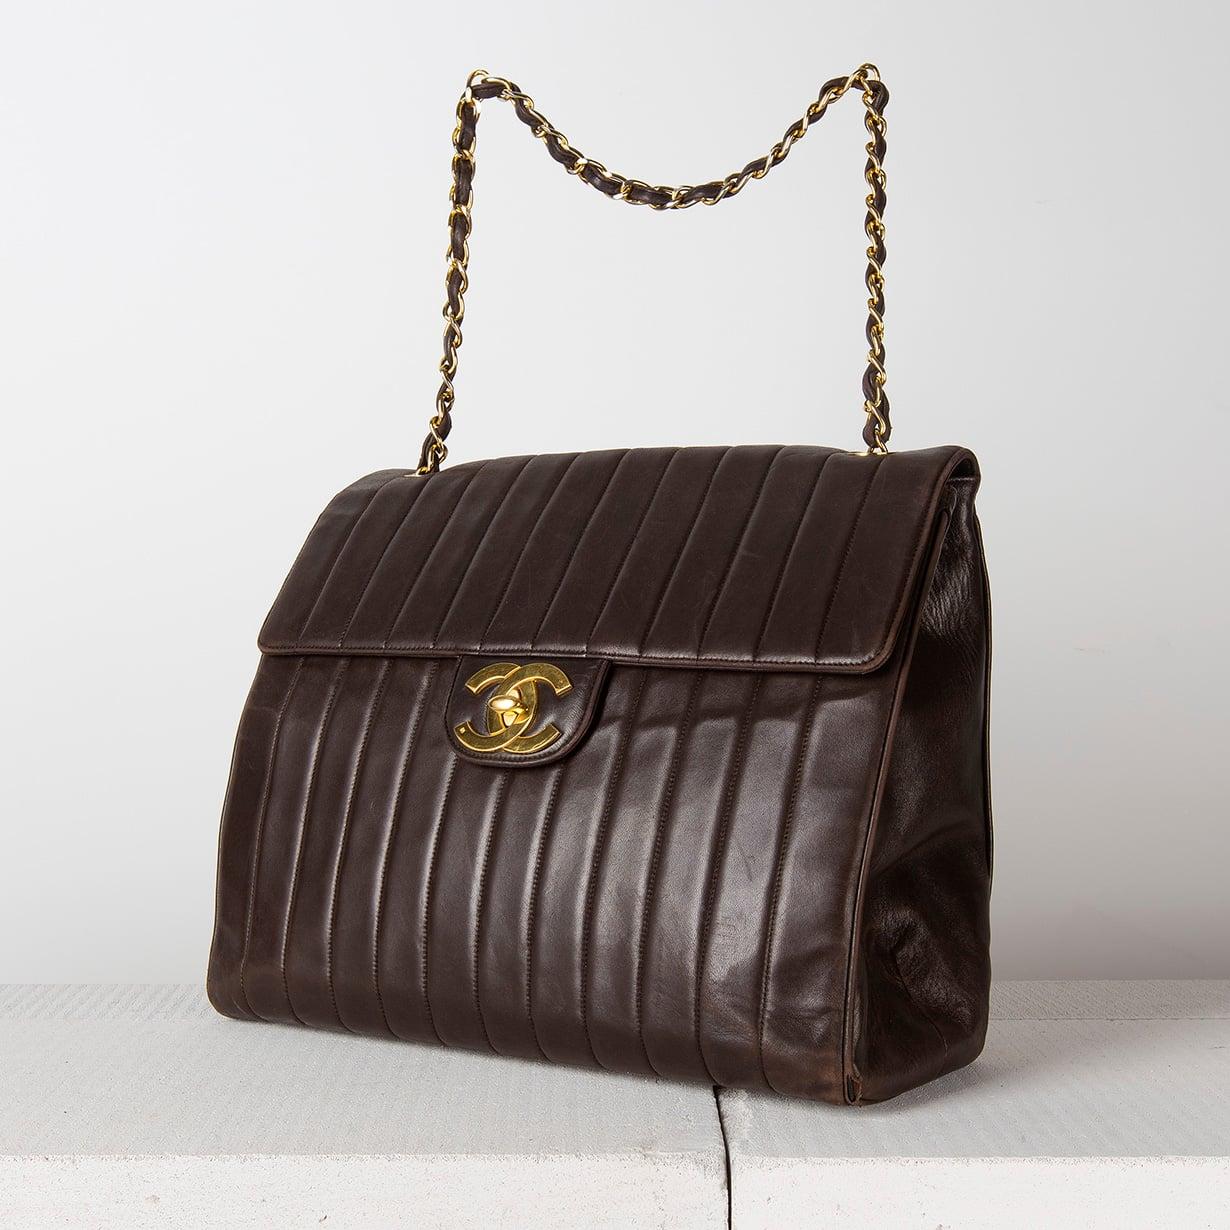 Merkkilaukut ovat suosittuja muoti-&vintage-huutokaupoissa. Tämä Chanelin nahkalaukku kooltaan 37x13x31 cm maksoi huutomaksuineen Bukowskin muotihuutokaupassa Tukholmassa keväällä runsaat tuhat euroa. Laukussa on hieman kulumia nurkissa.